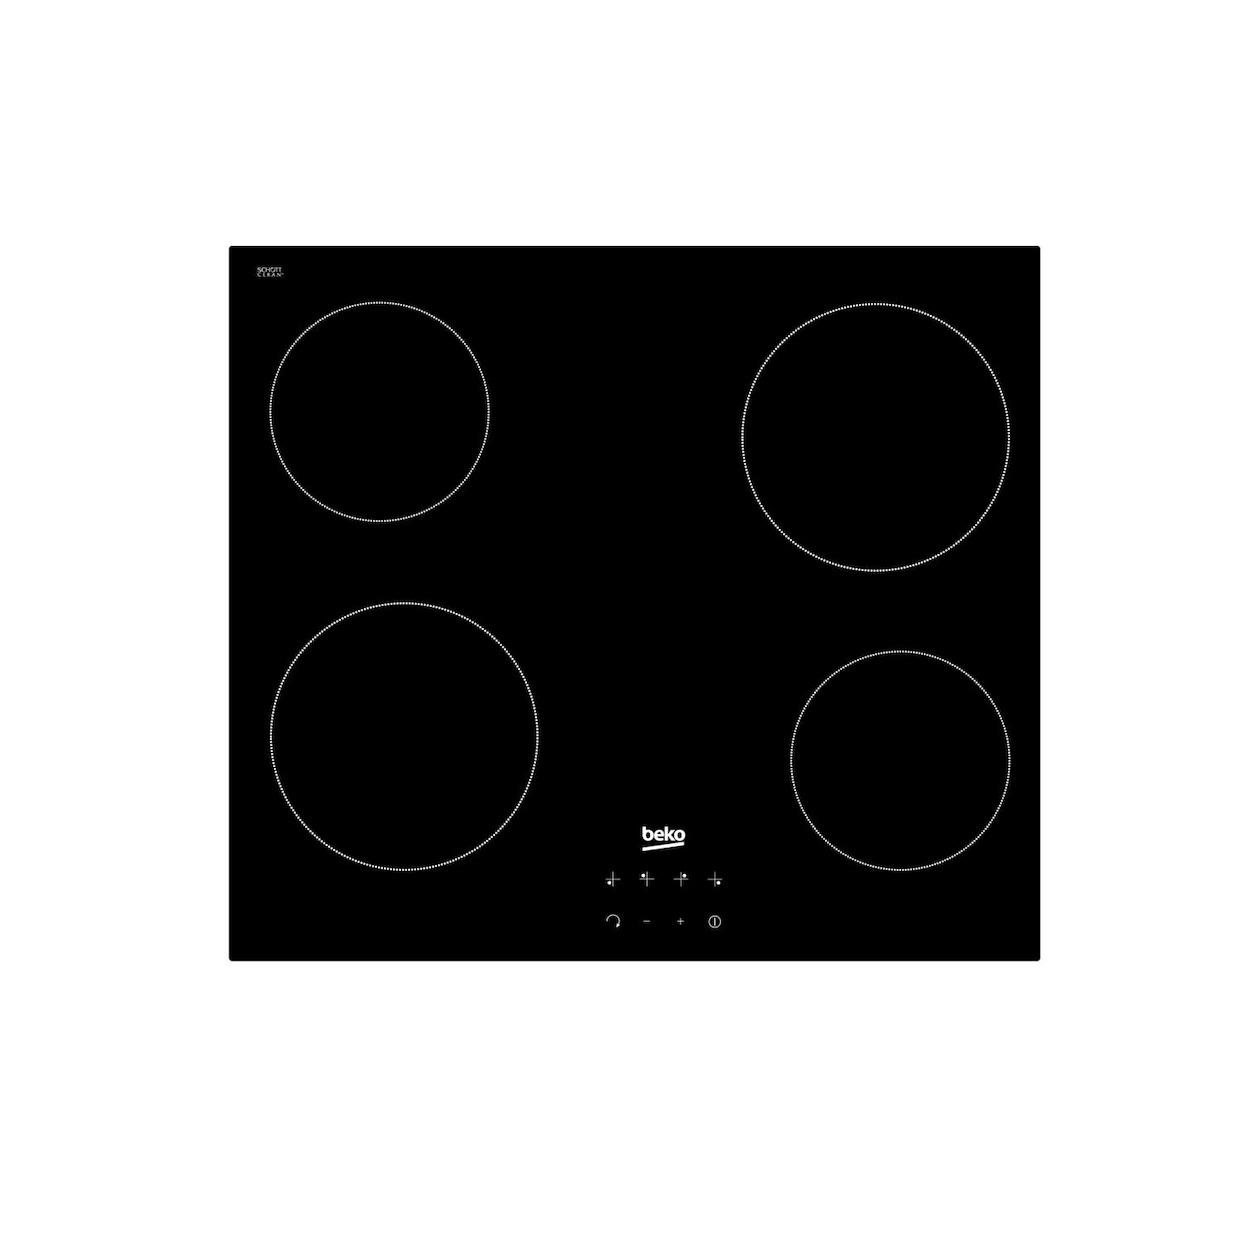 Beko keramische inbouwkookplaat HIC16440E